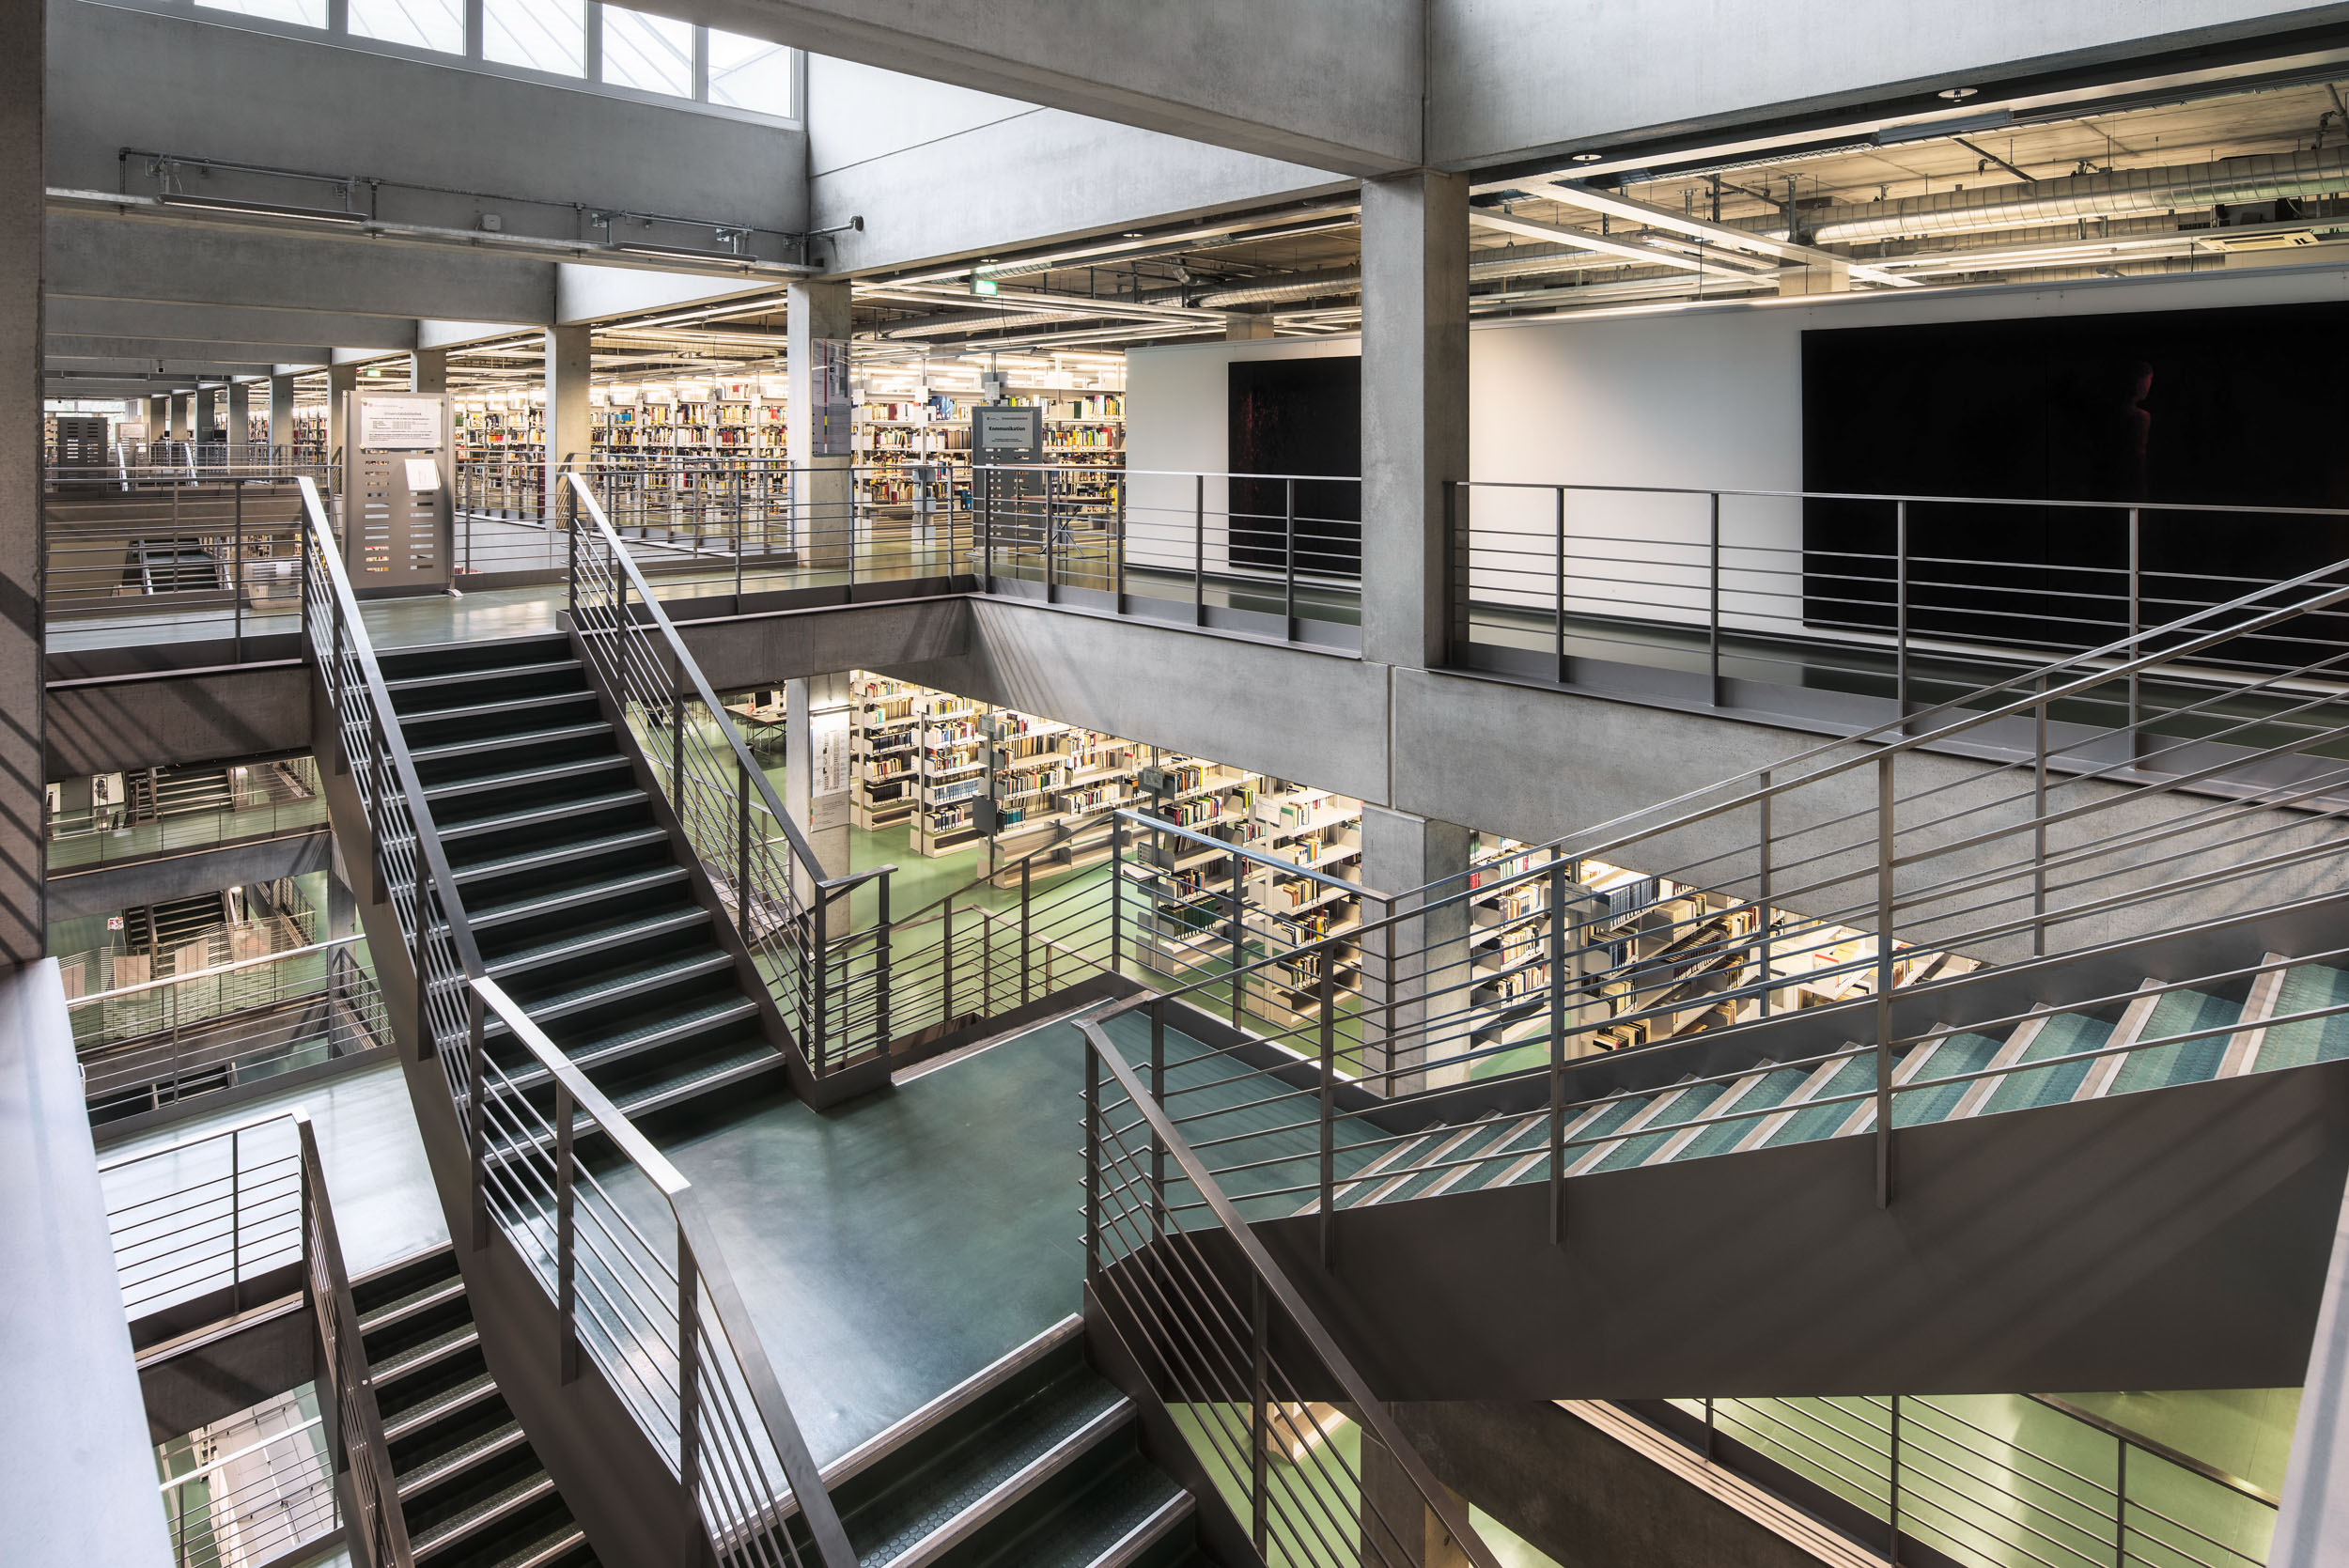 Gustav-Epple-Bauunternehmung-Bibliothek-Technische-Universität-Berlin_MLX6007